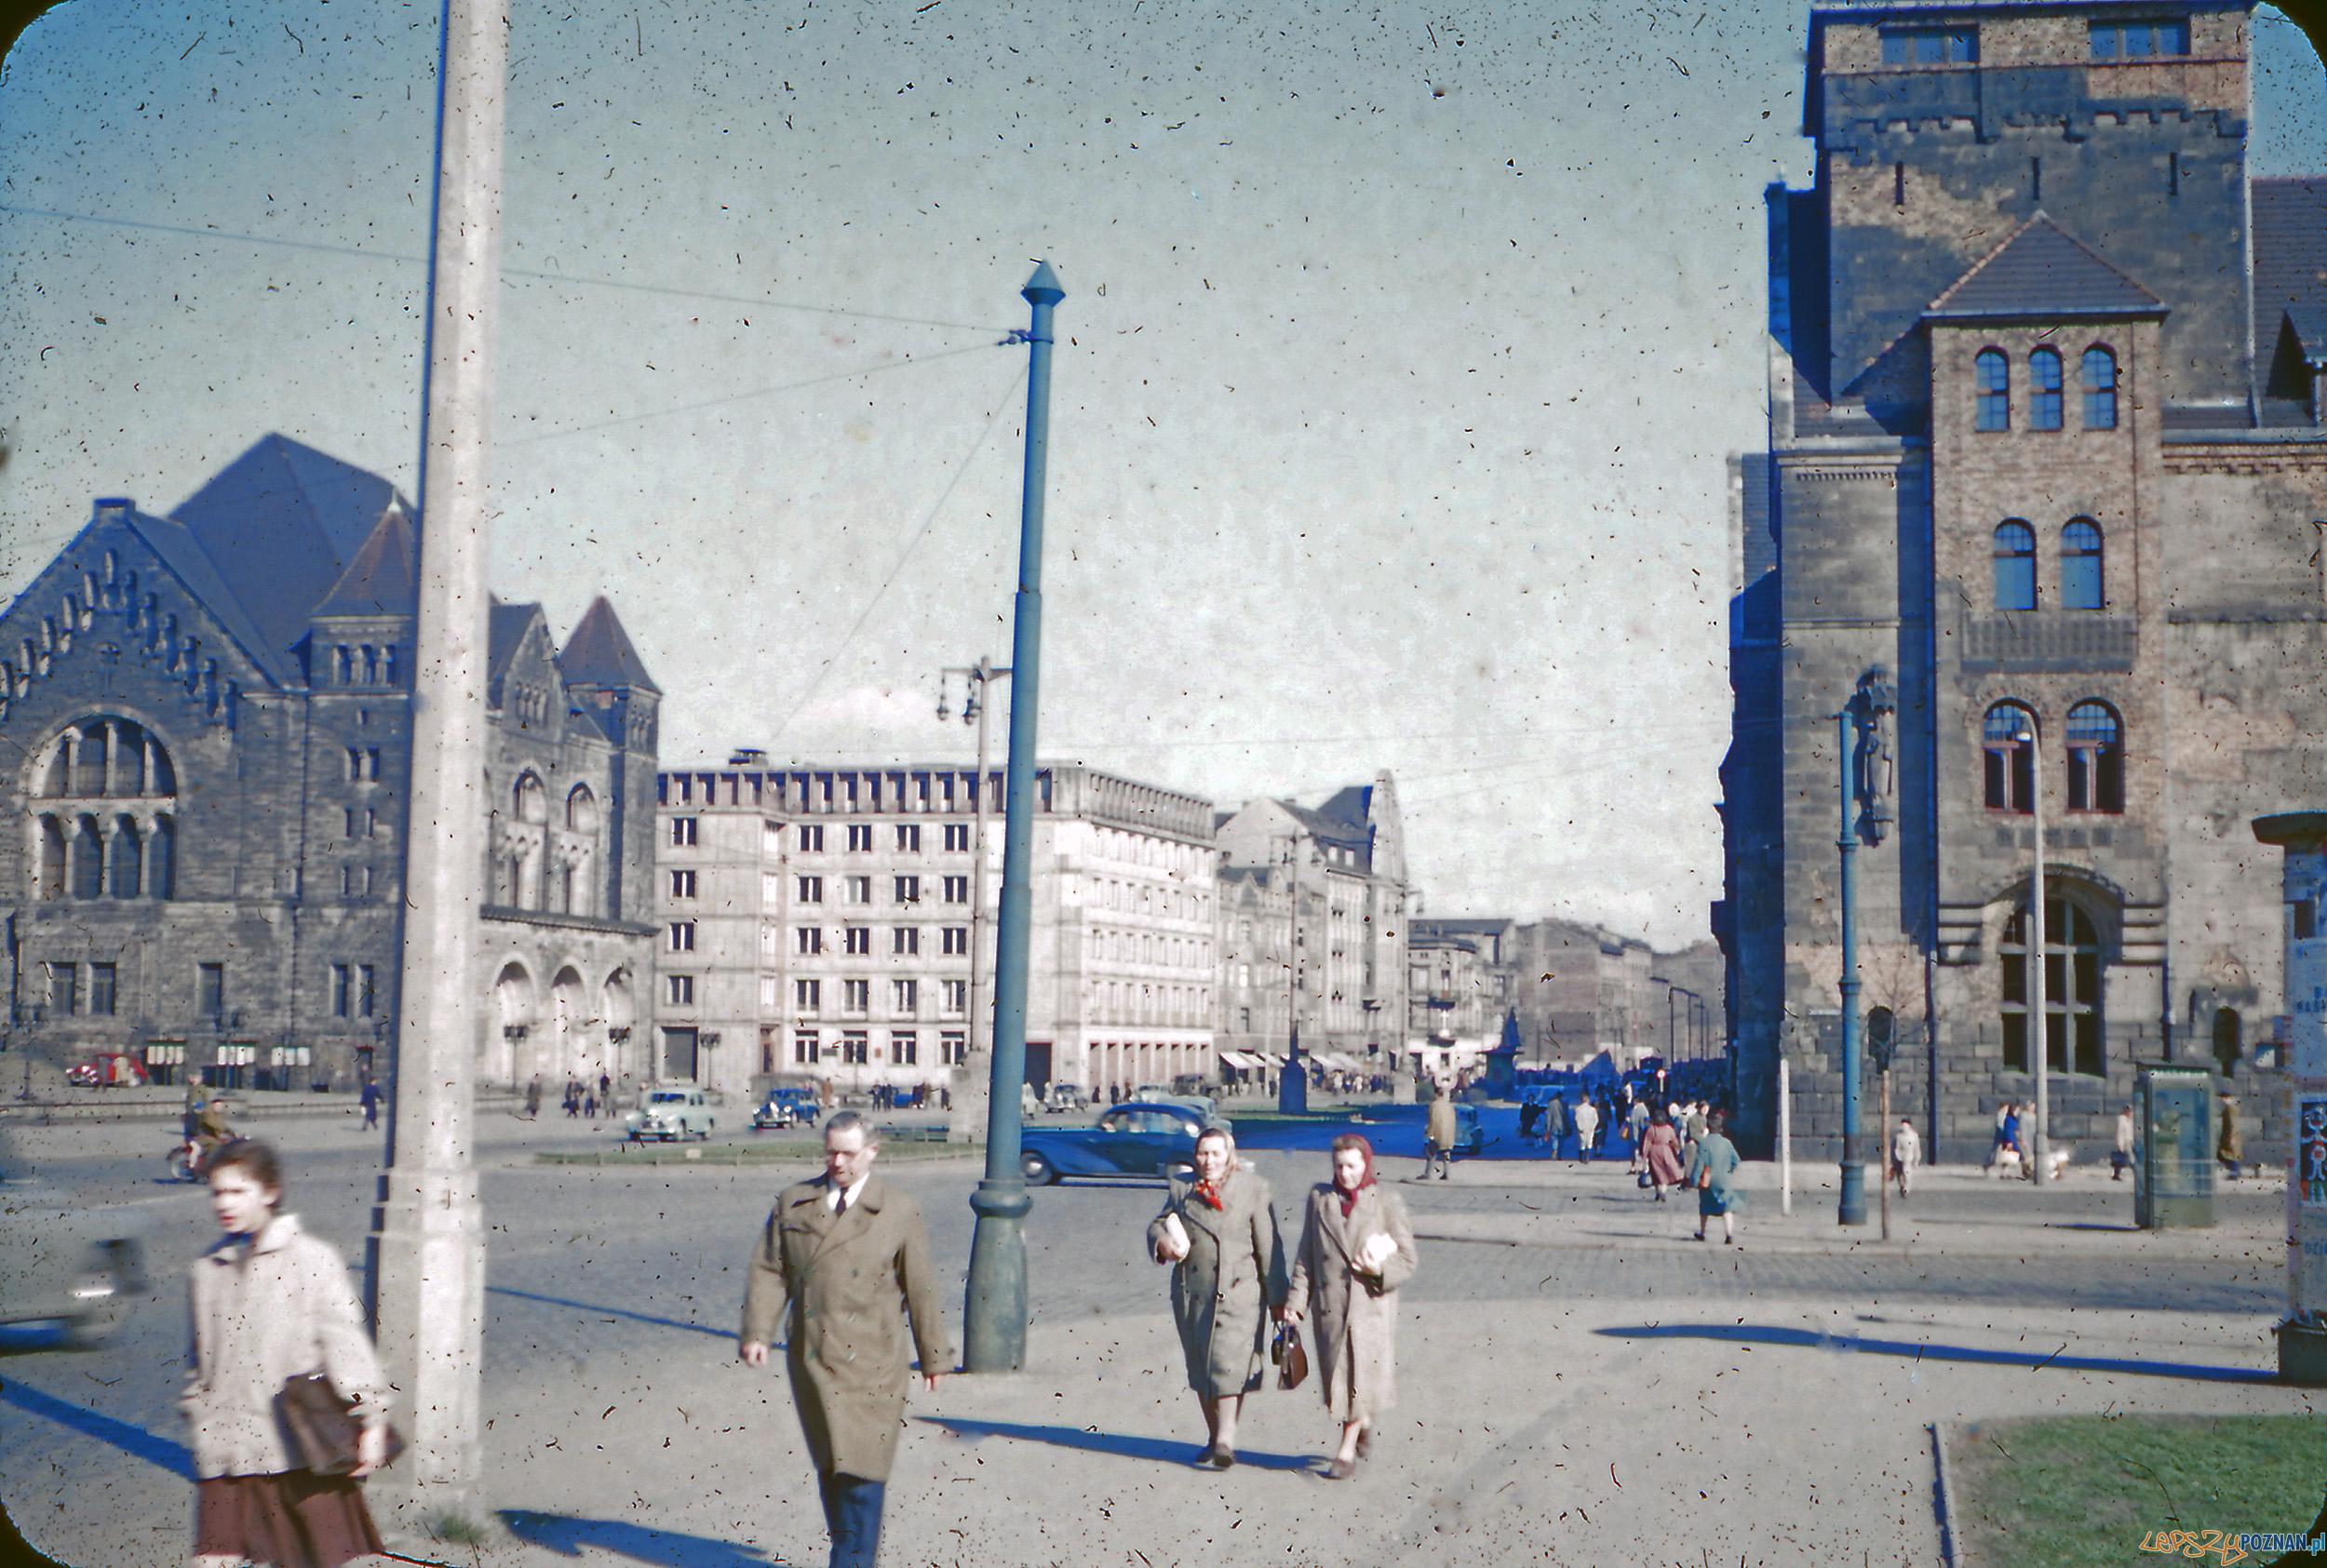 Św. Marcin - koniec lat 50-tych  Foto: Mogens Tørsleff, kolekcja Gorma Rudschinata / Flickr / CC